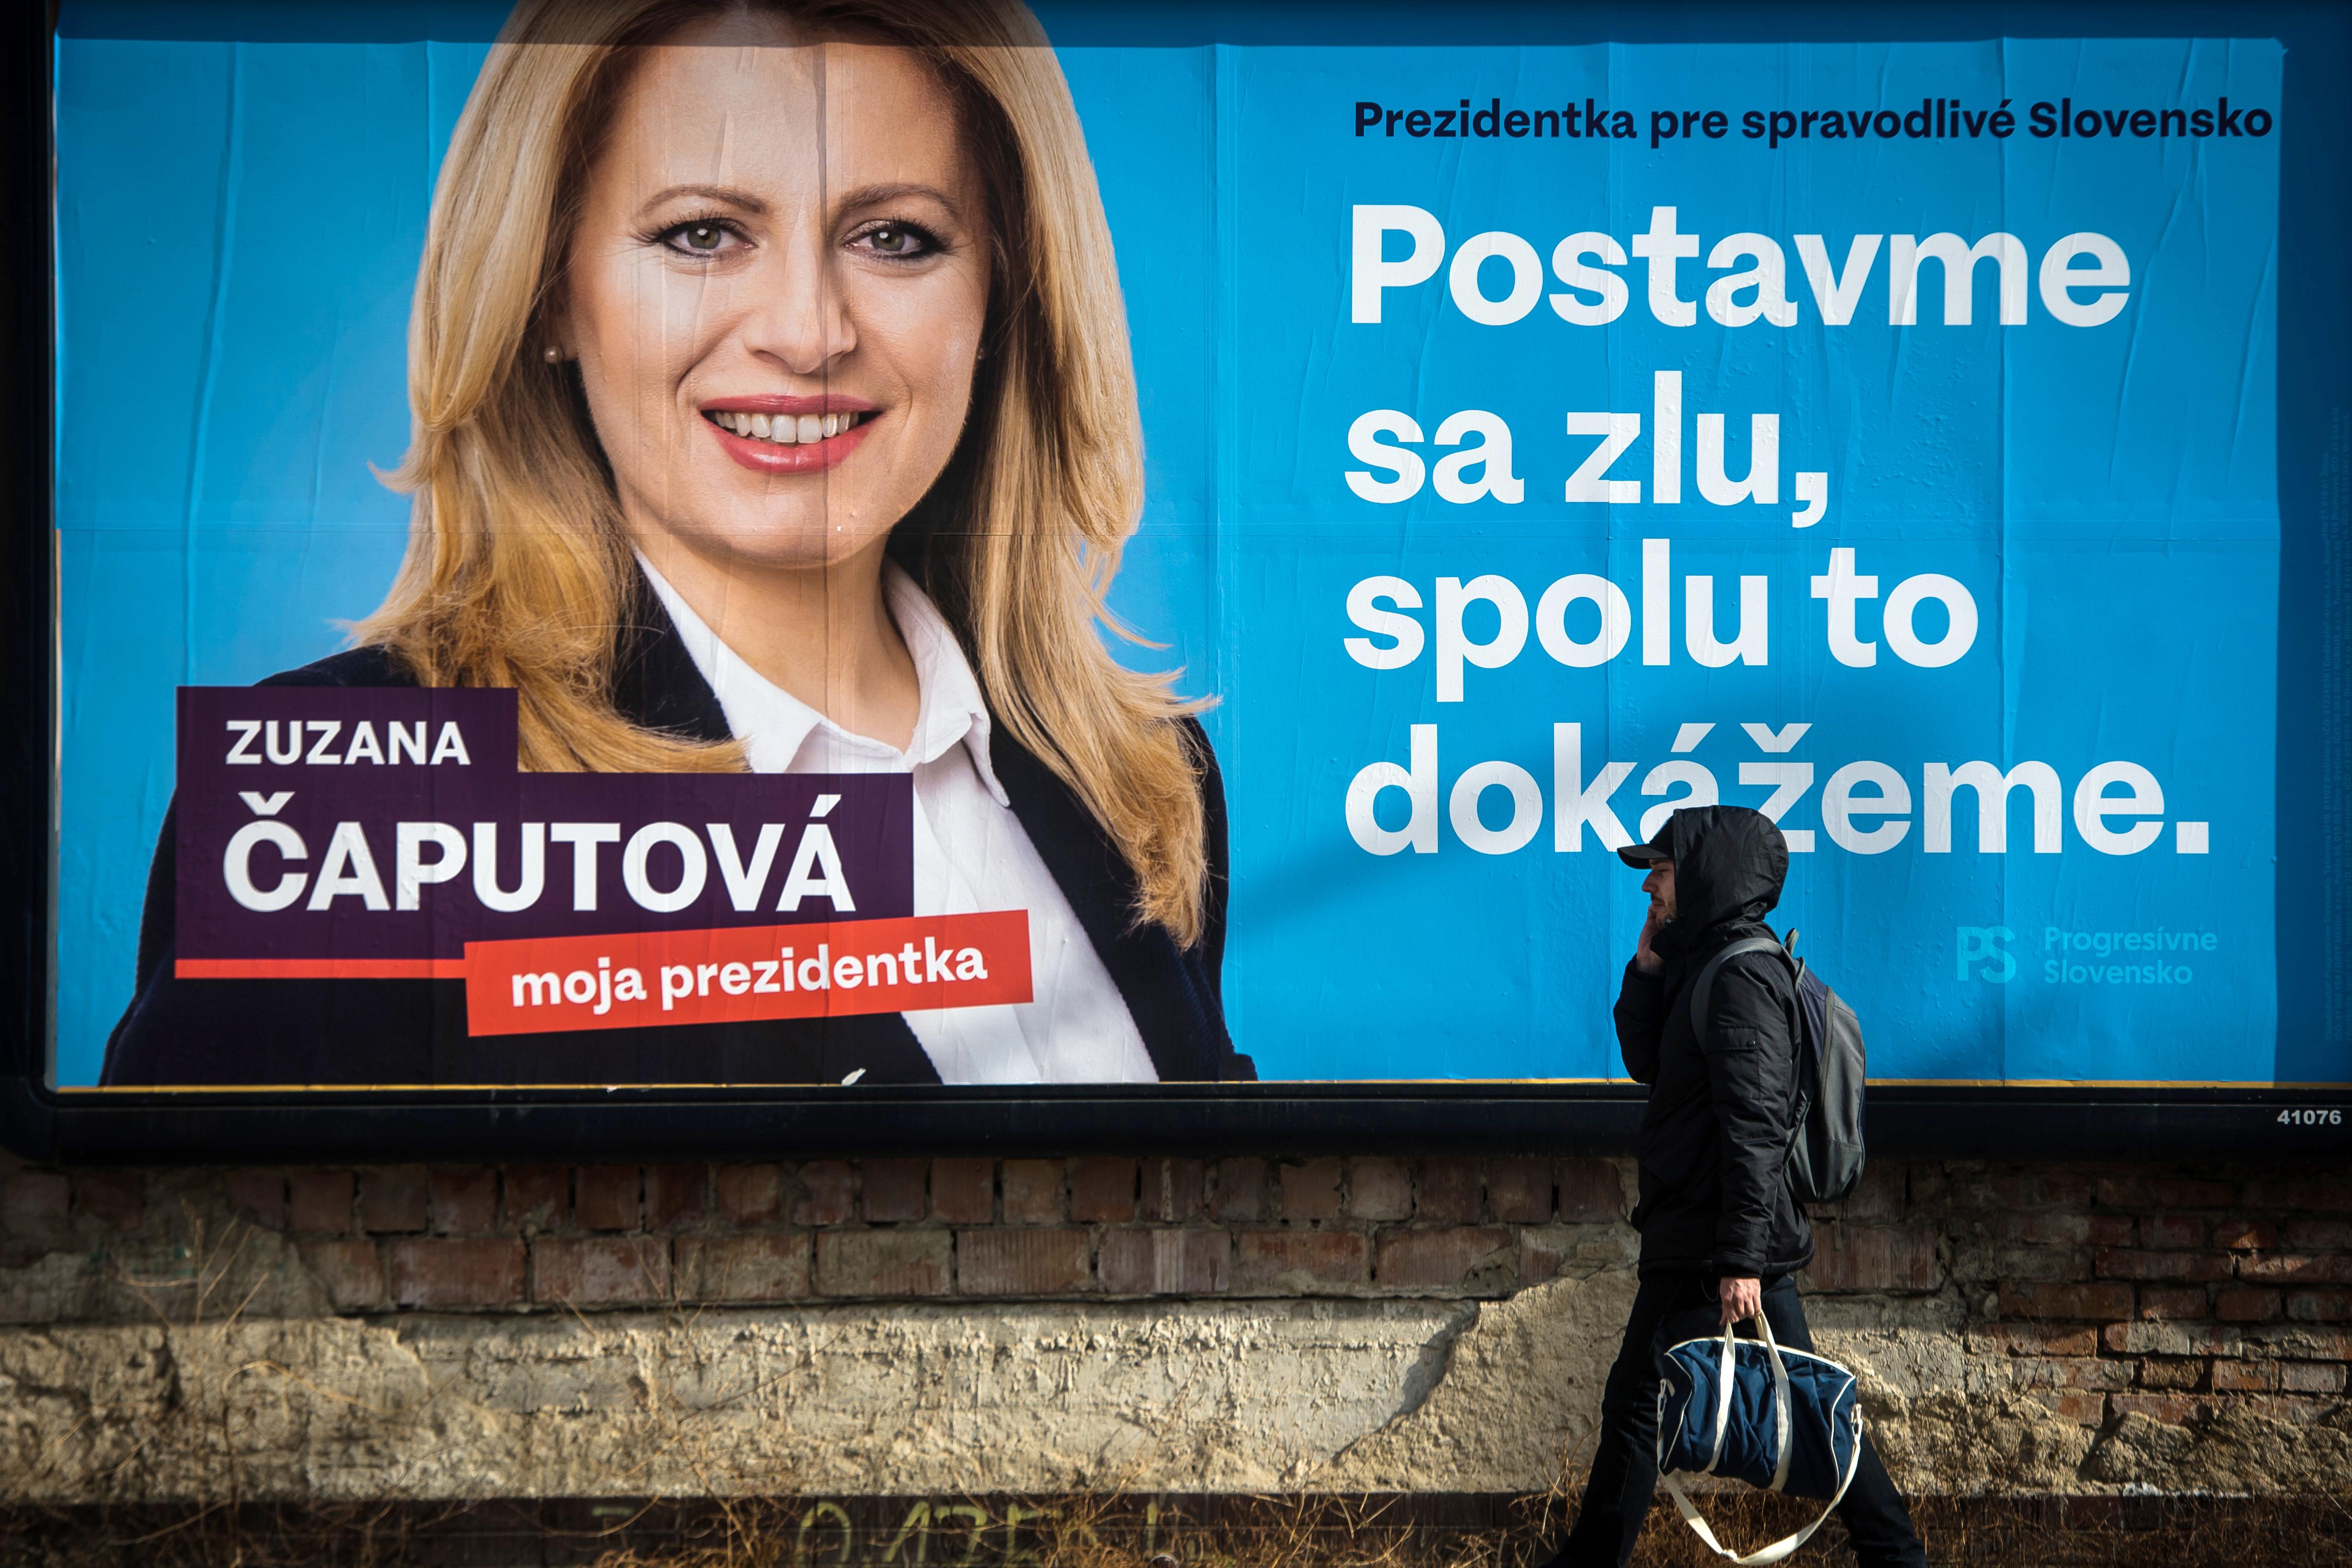 Szombaton elnökké választhatják a környezetvédelmi aktivistából lett politikust, Zuzana Čaputovát